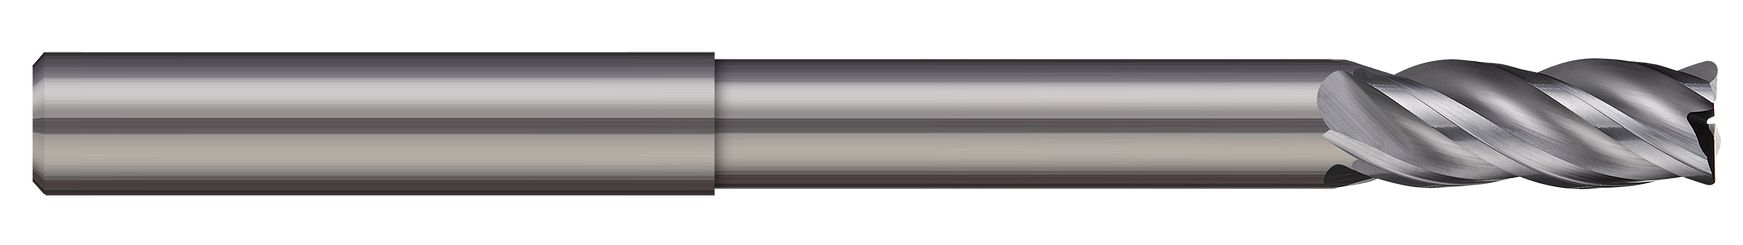 tool-details-VLR-750-4